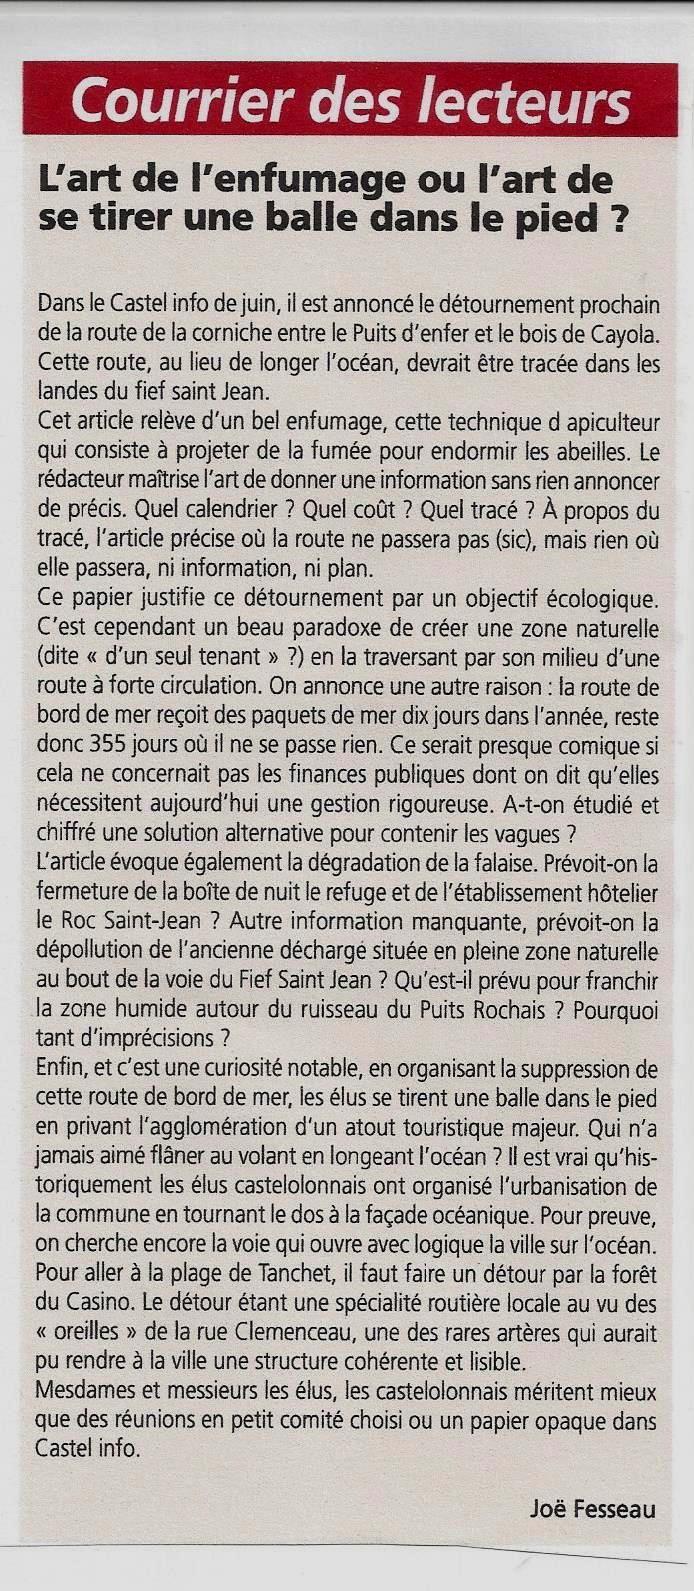 PUBLIÉ PAR LE JOURNAL DES SABLES 21 SEPTEMBRE 2017